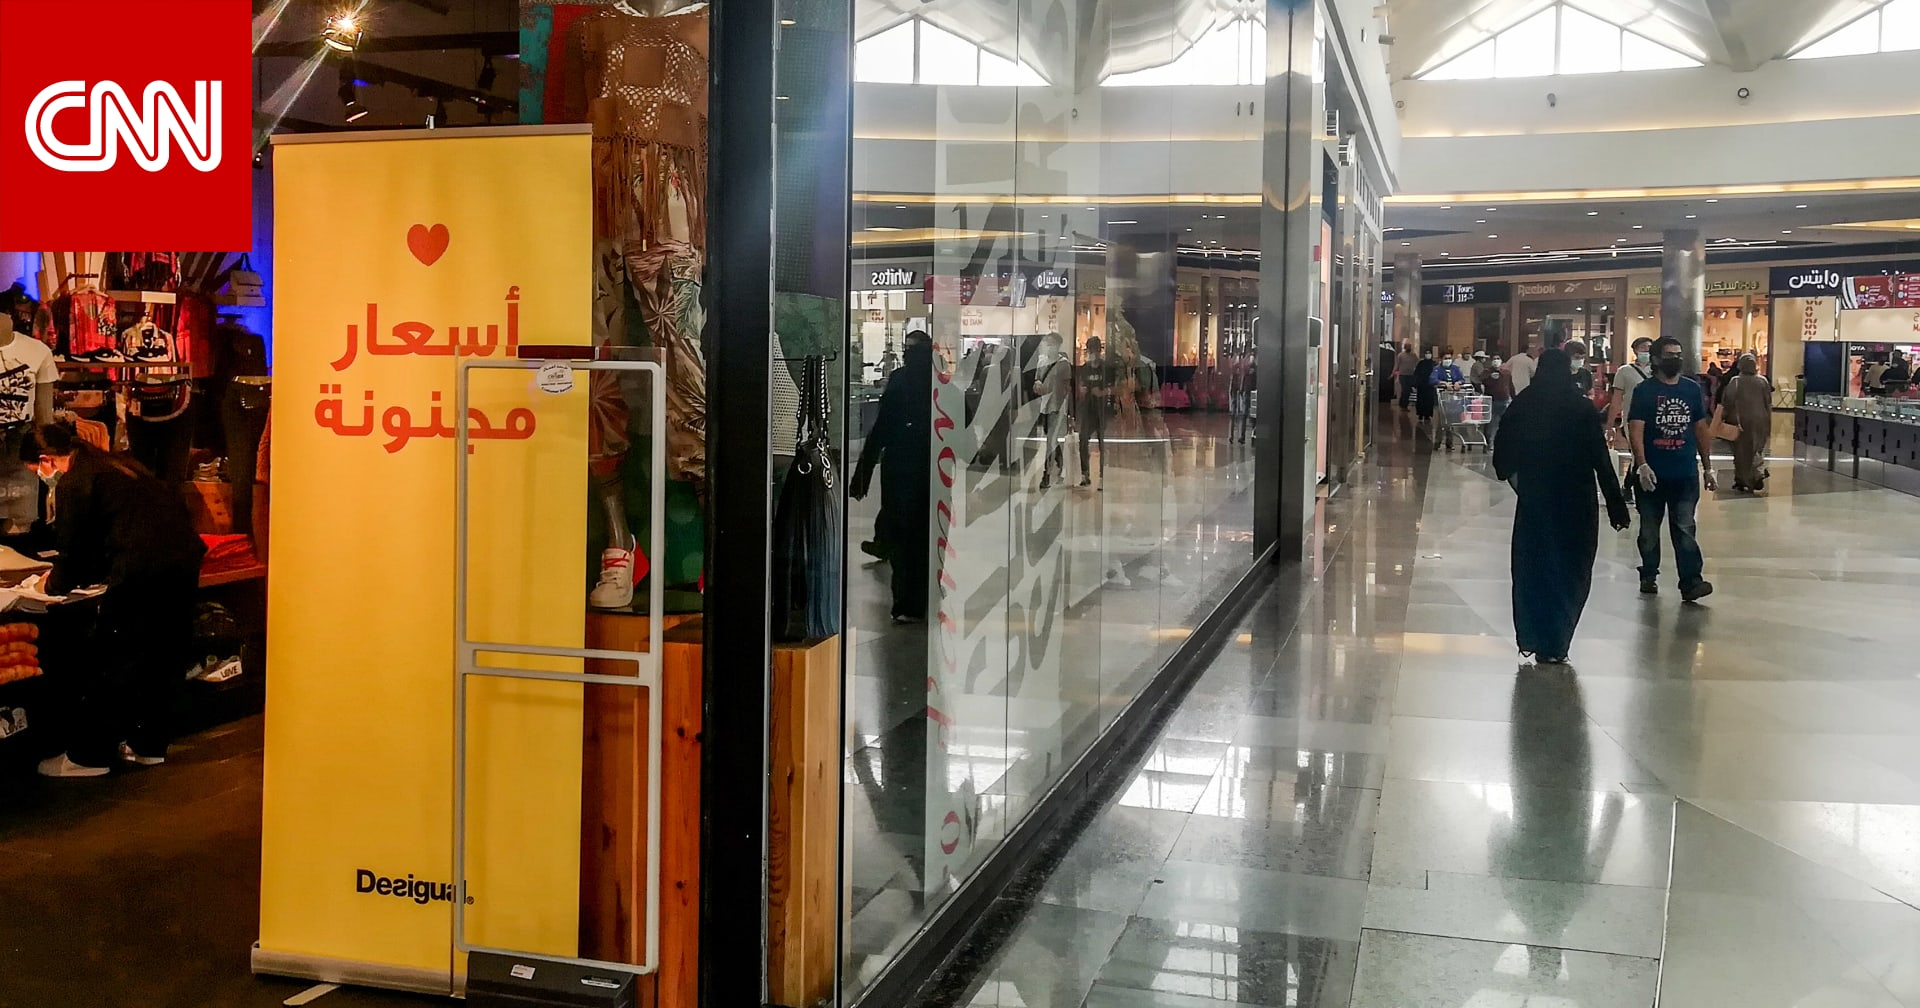 السعودية تمنع دخول غير المحصنين للمنشآت التجارية والمولات من 1 أغسطس